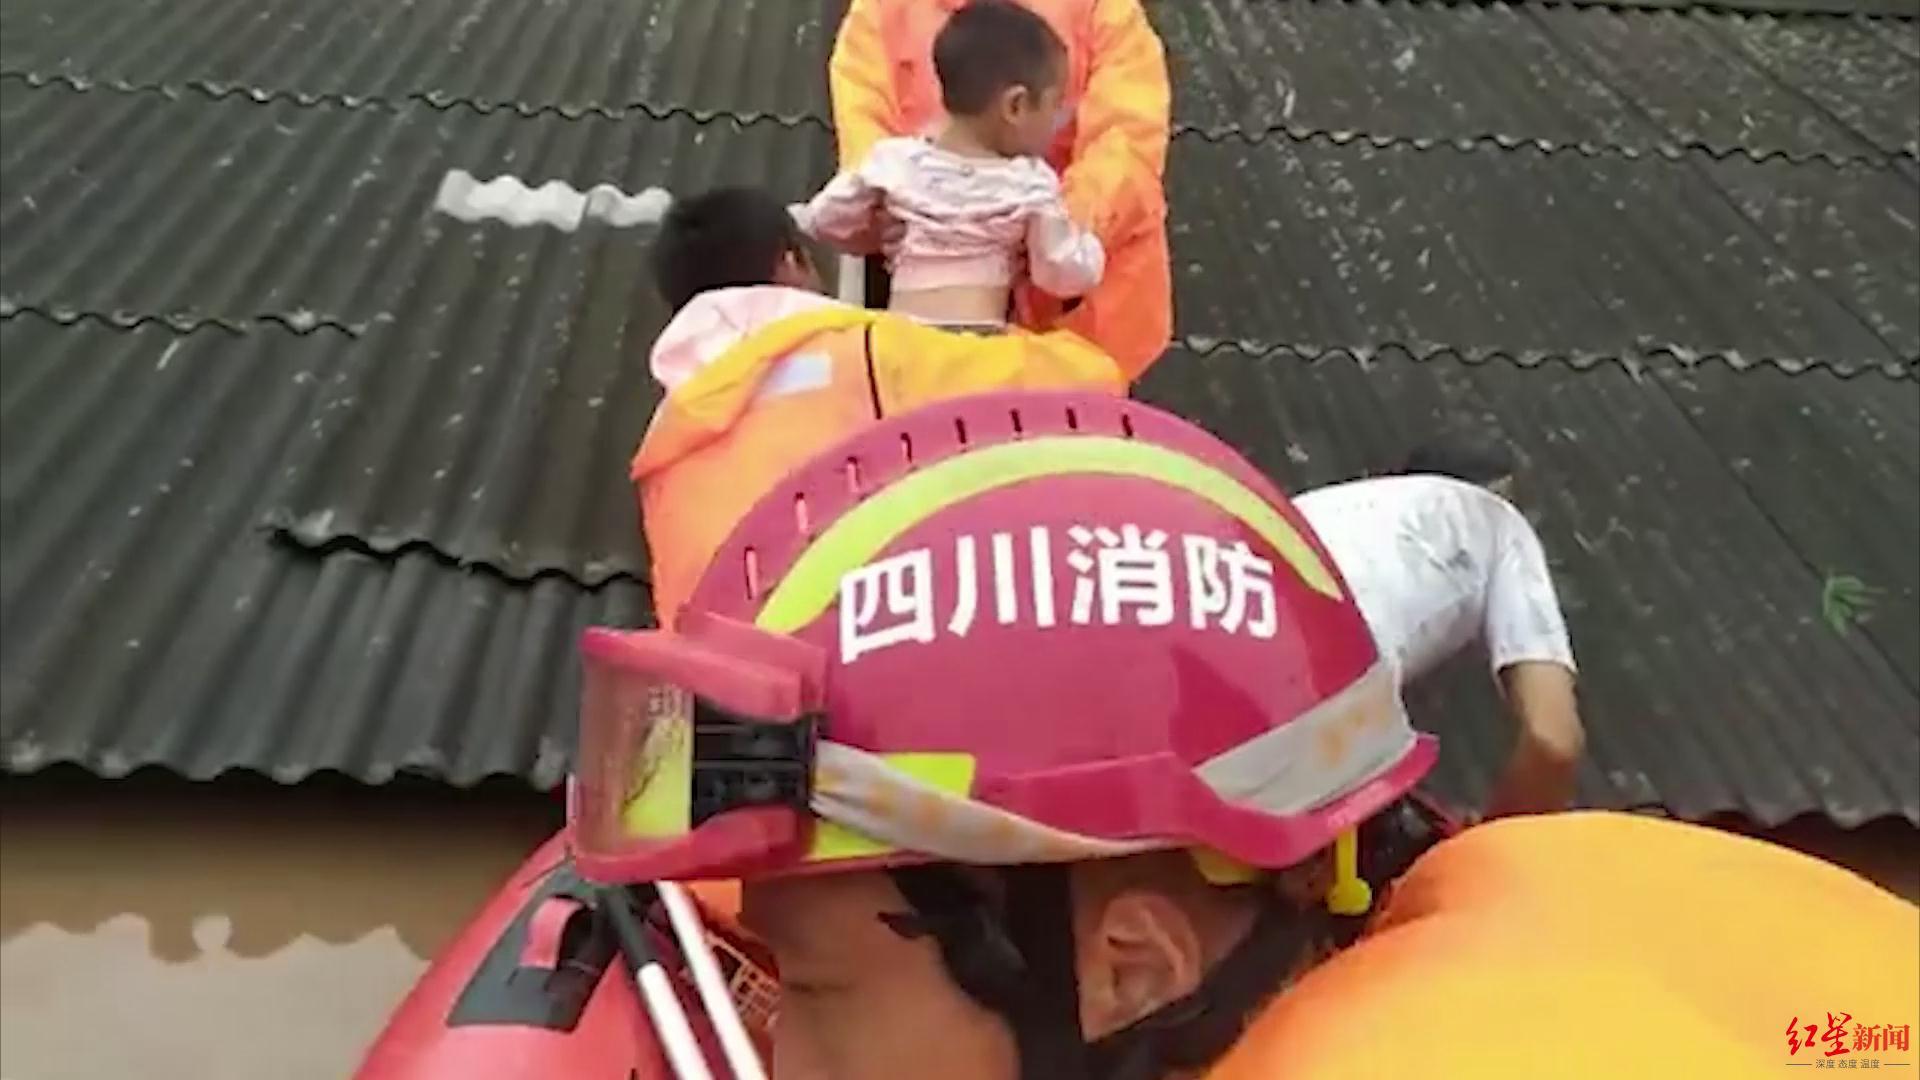 四川乐山犍为洪水快淹过房顶 消防员上房揭瓦救娃